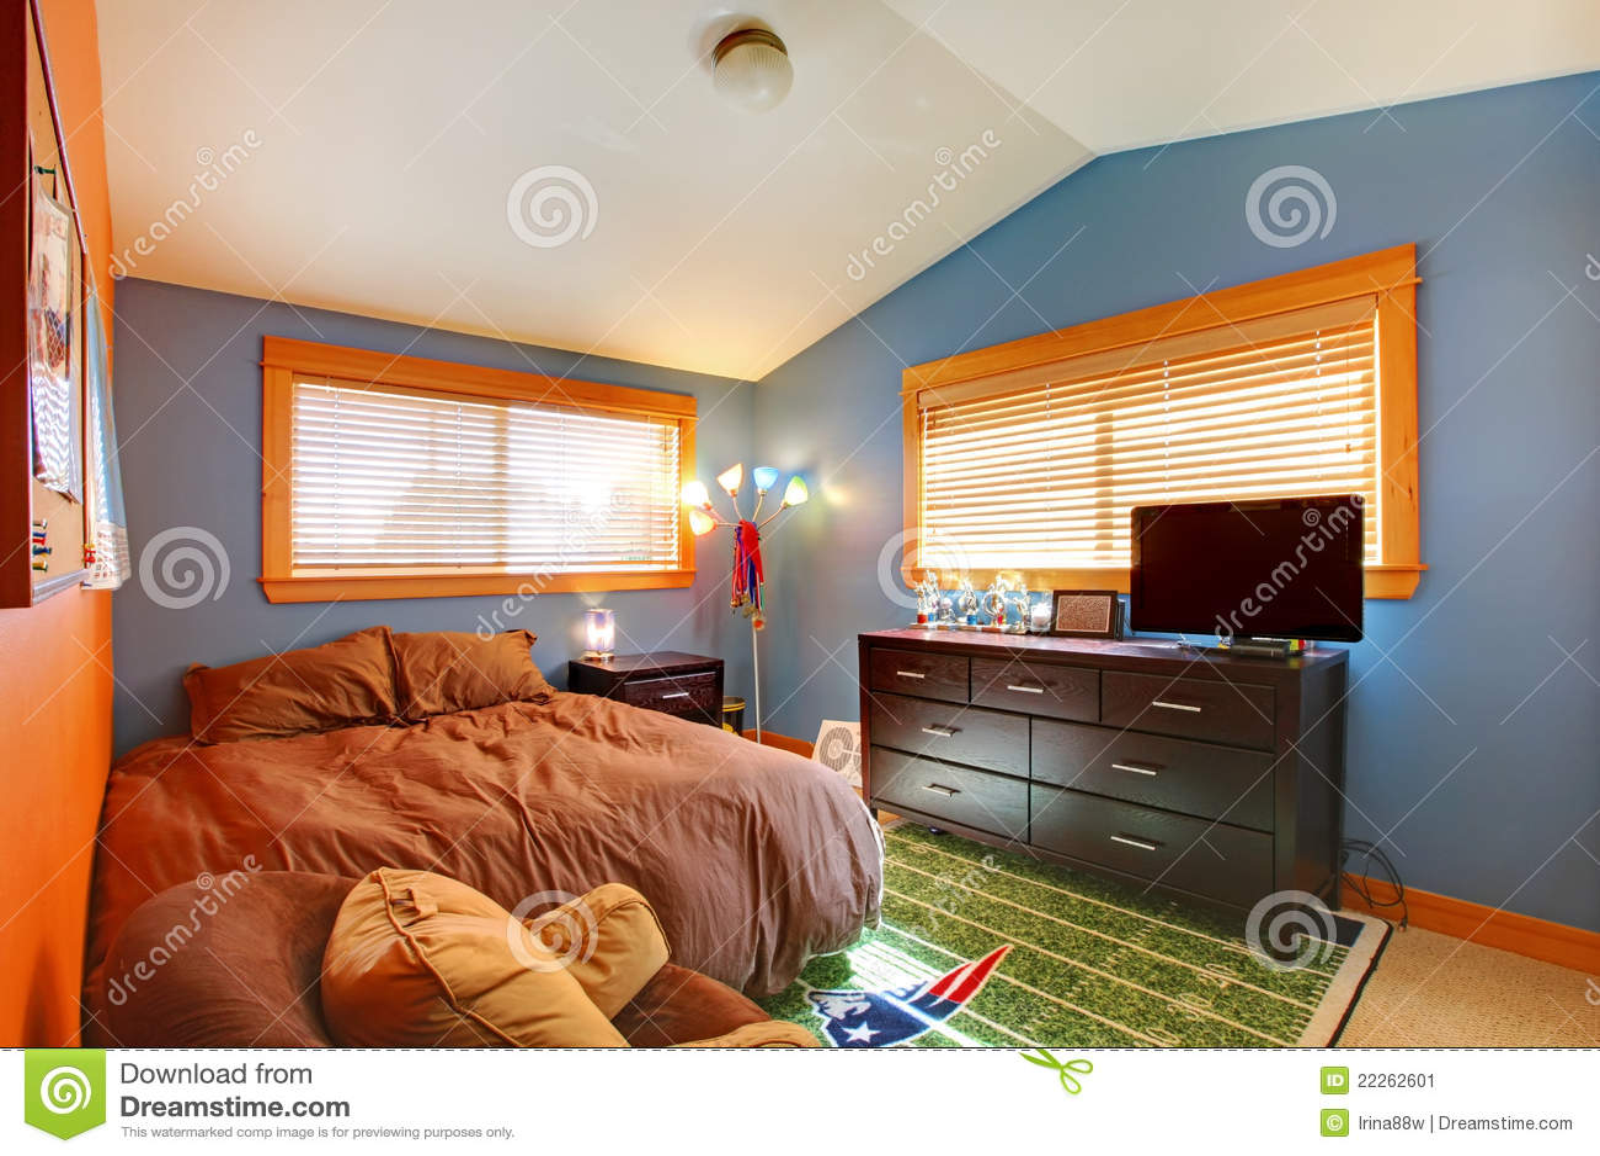 Ontwerp kamer jongen baby - Kamer van de moderne jongen ...